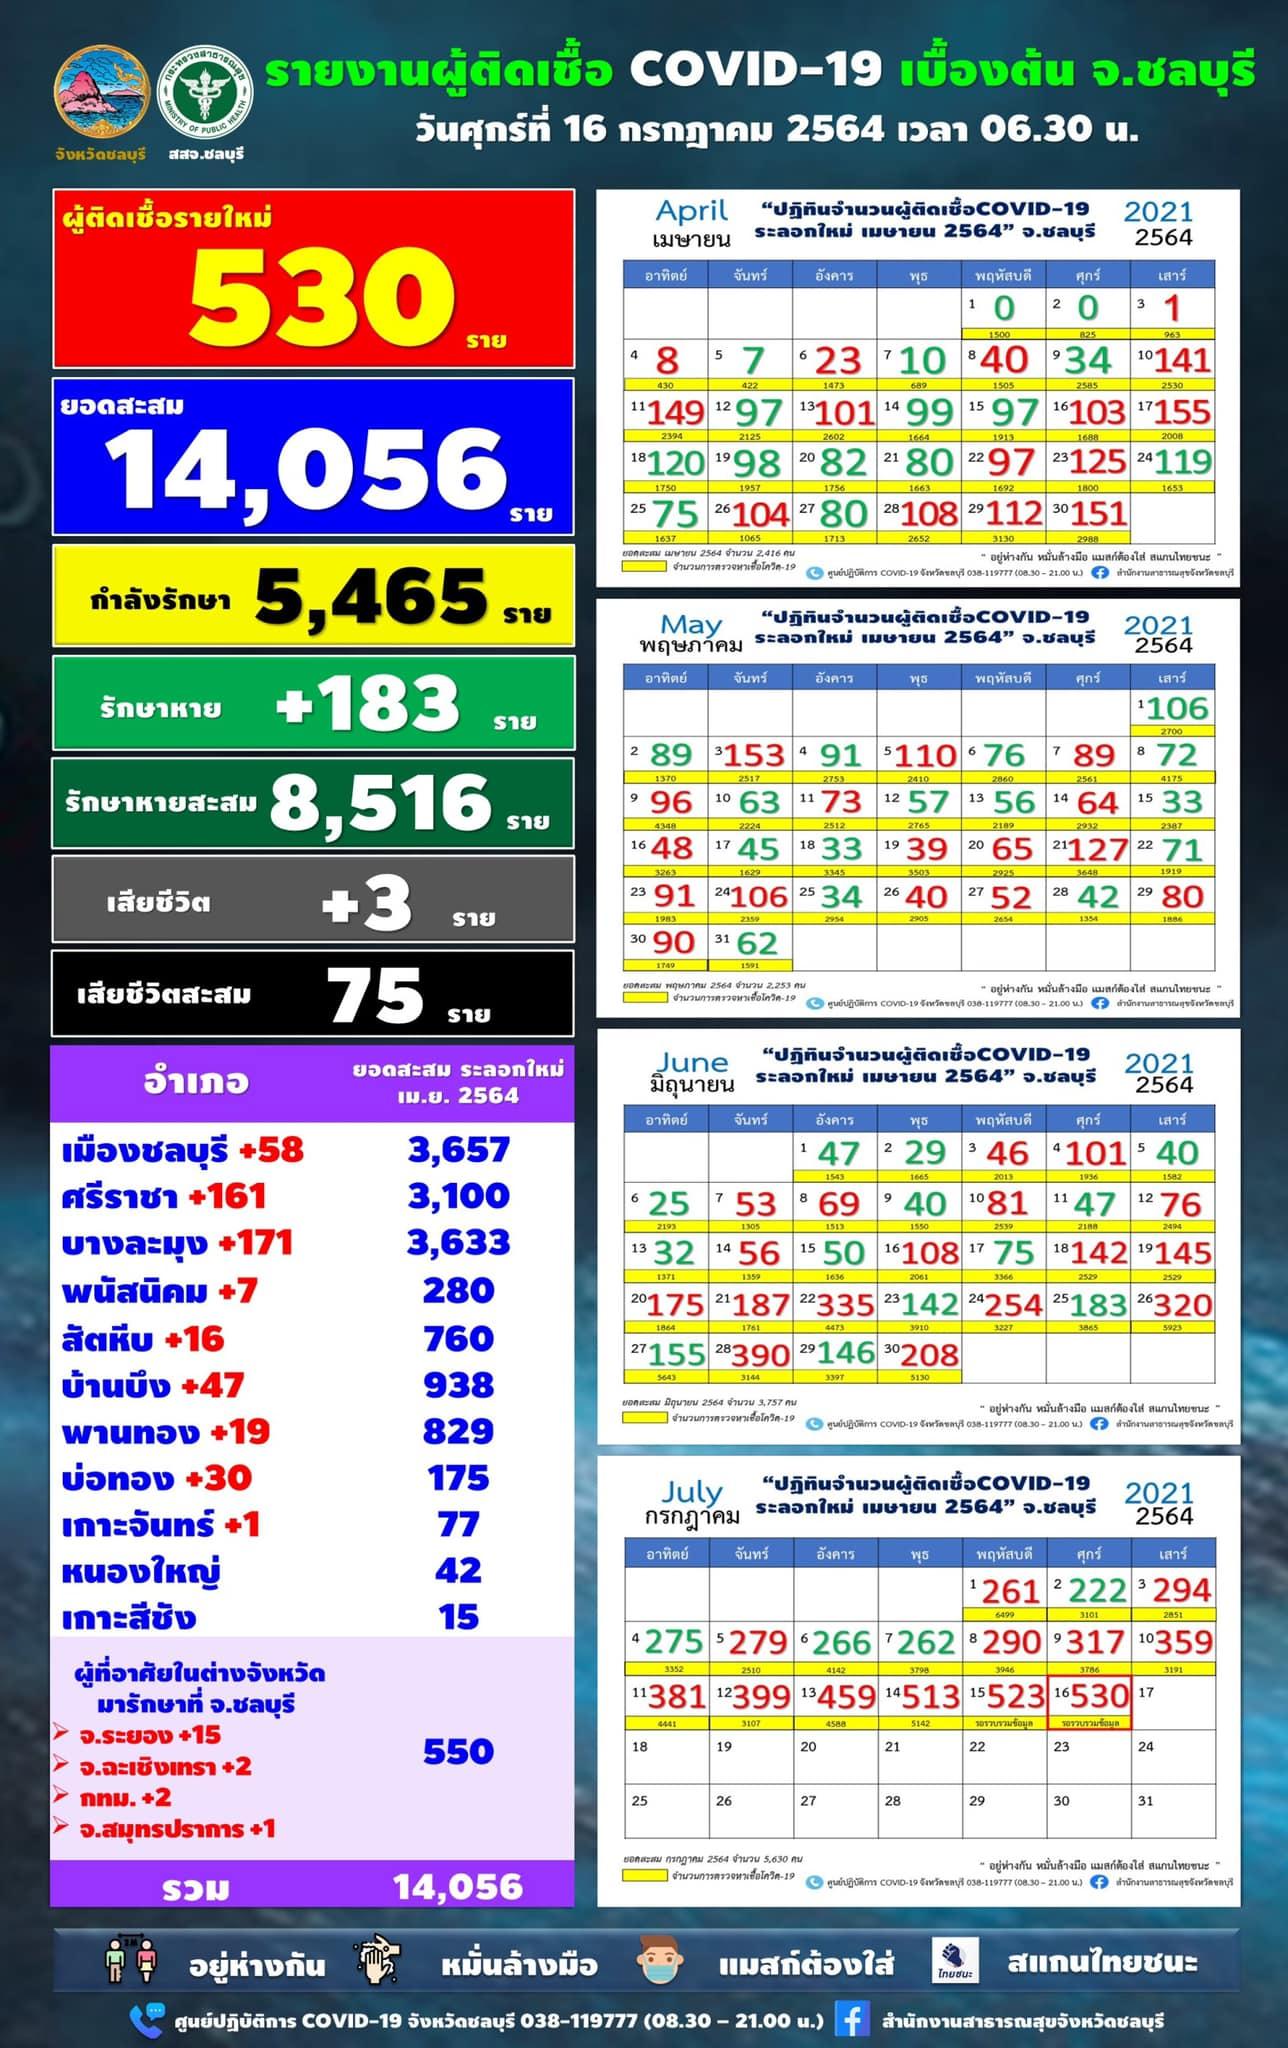 連日最多更新、チョンブリ県で530人陽性/パタヤ171人/シラチャ161人[2021年7月16日発表]